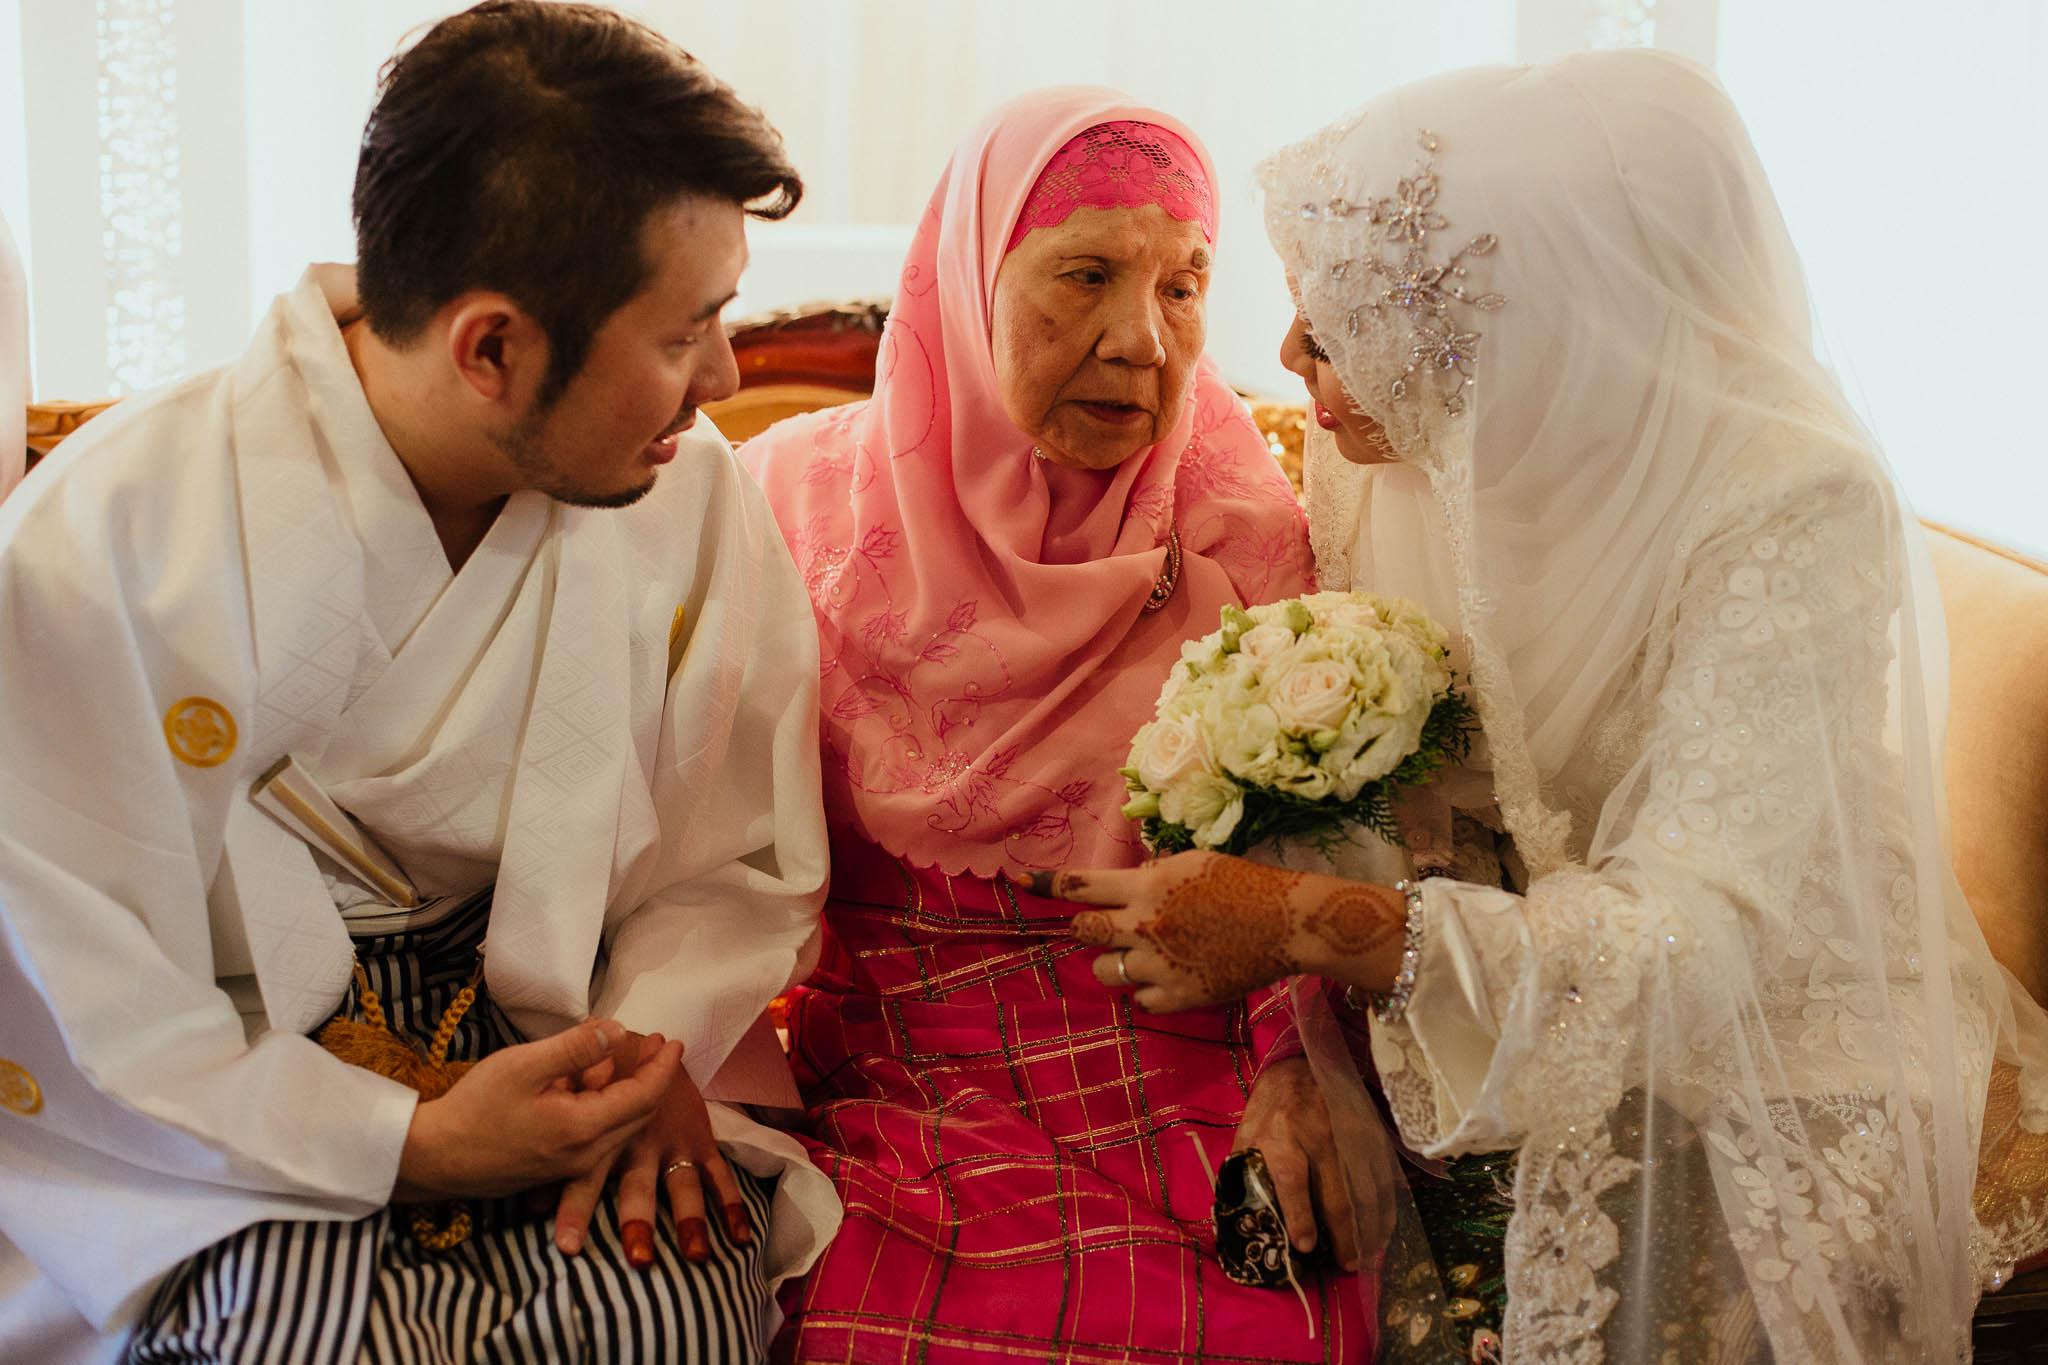 singapore-wedding-photographer-travel-wemadethese-atara-hafizah-27.jpg